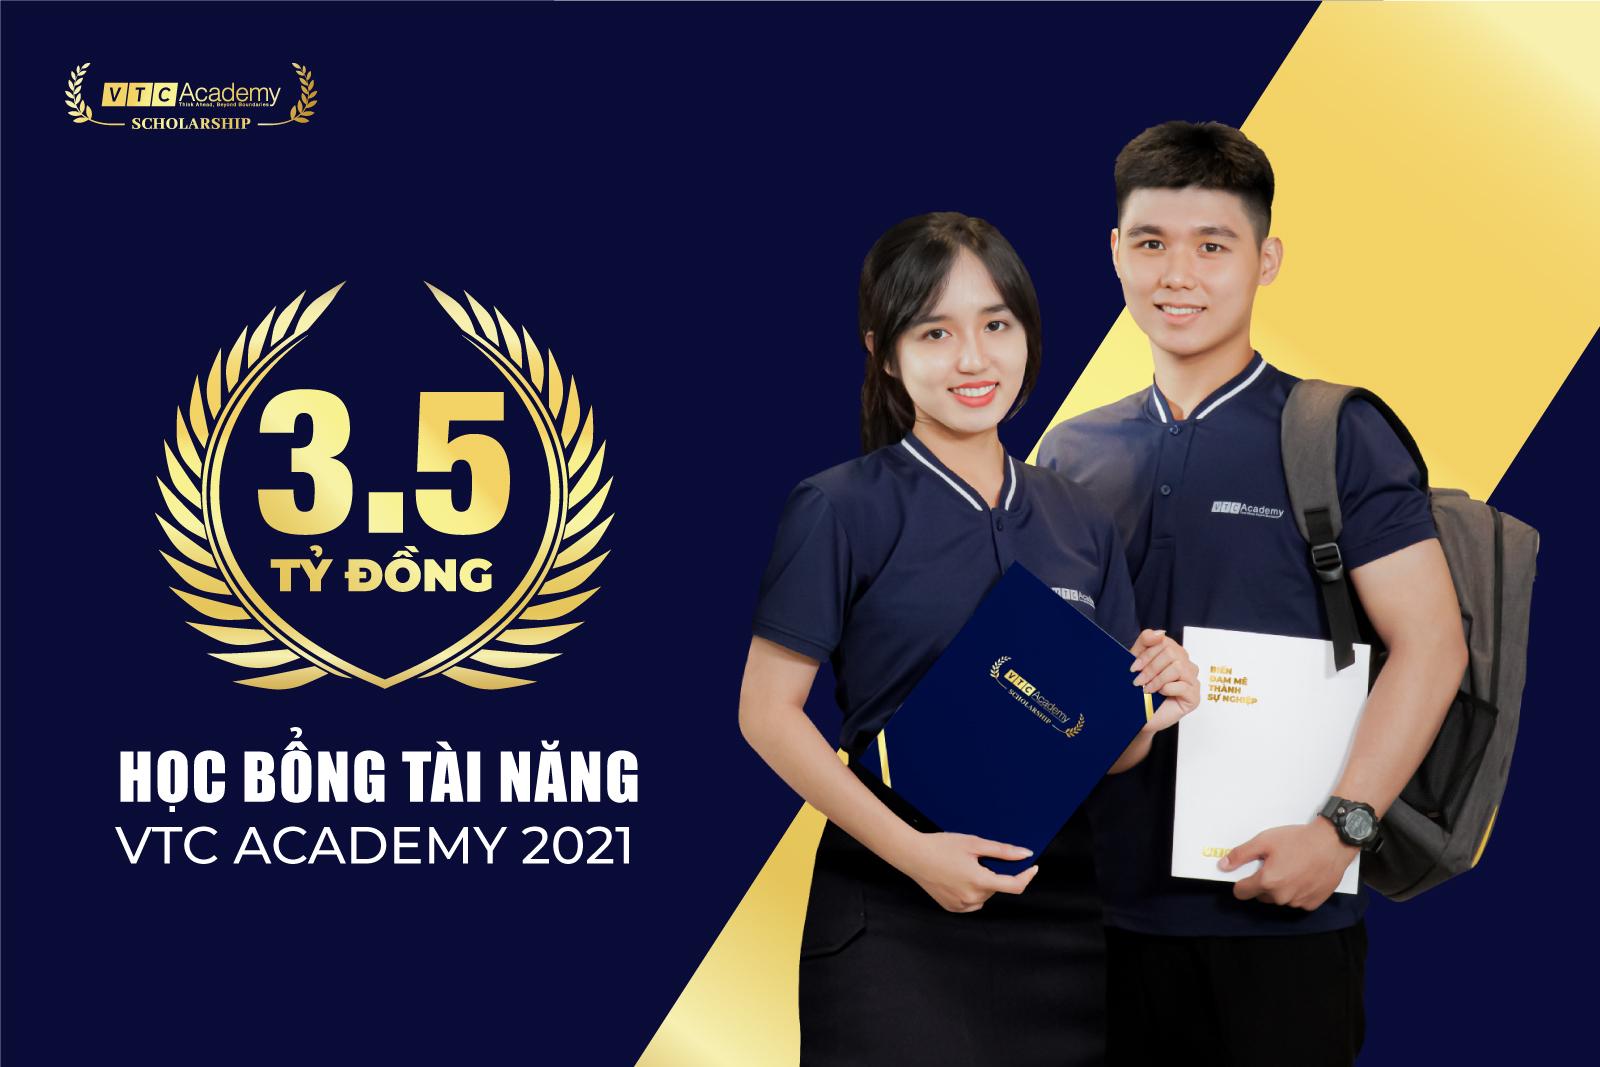 VTC Academy công bố học bổng tài năng 3,5 tỷ đồng